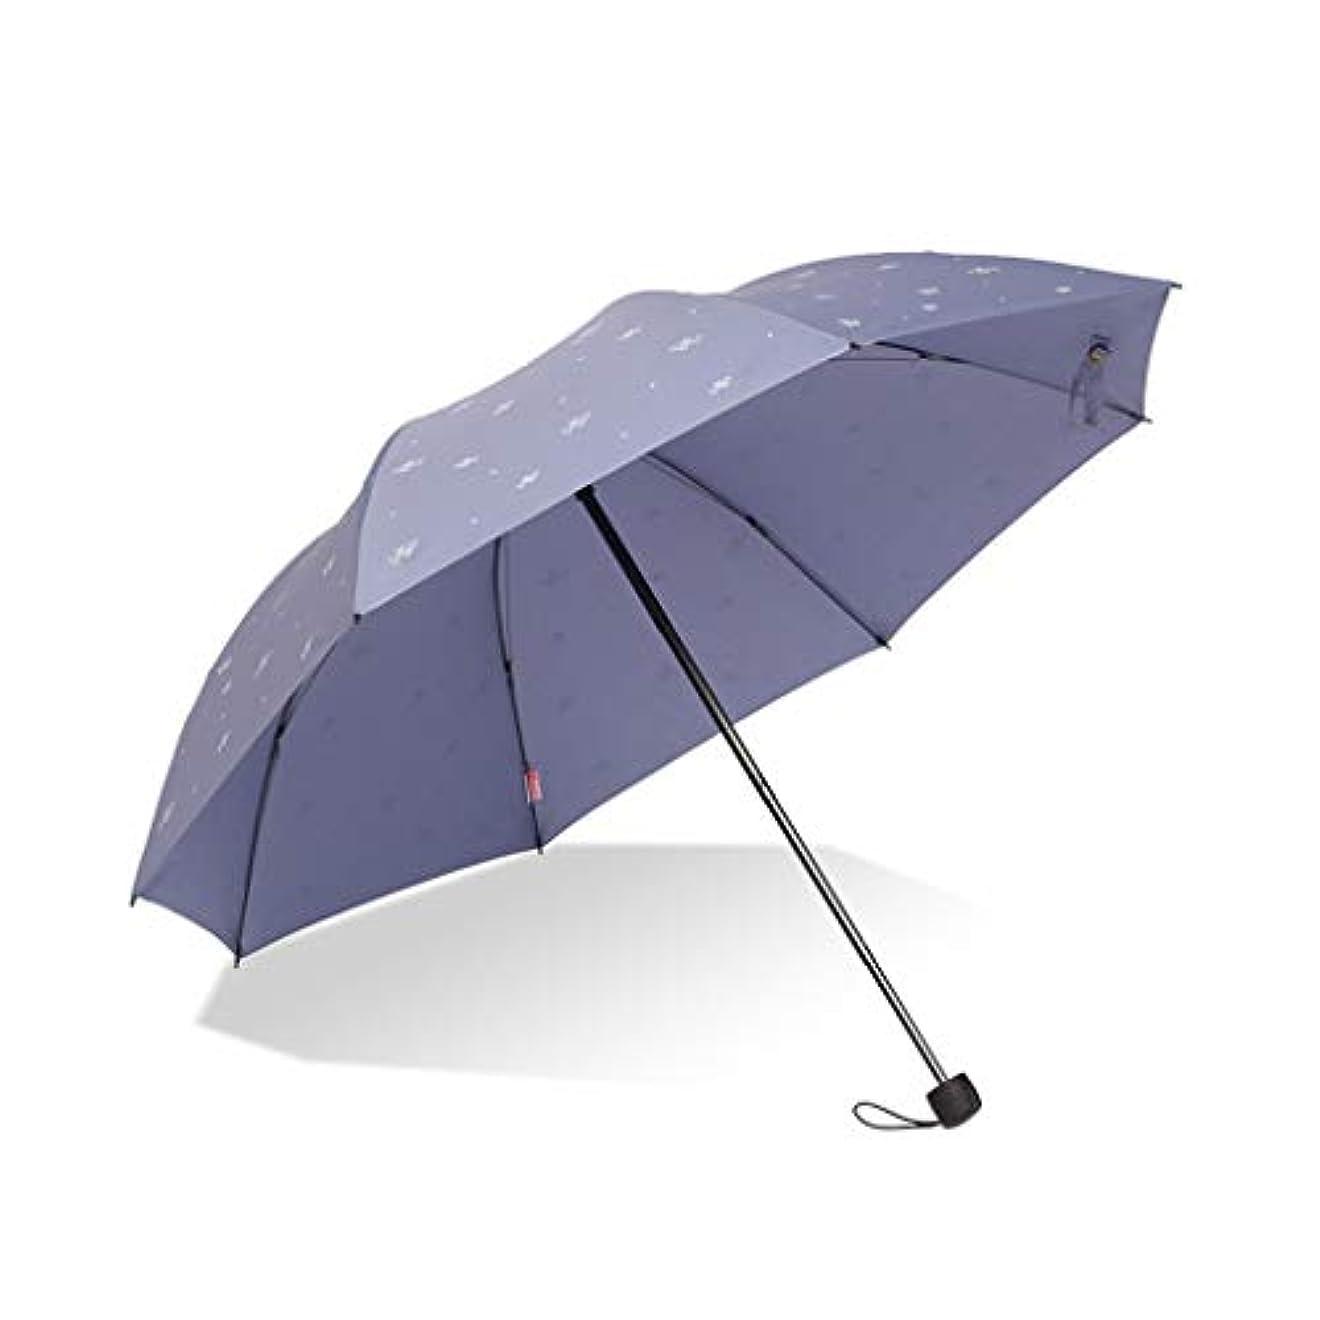 後悔死すべき不定レッドリーフアンブレラダブルアンブレラ折りたたみ傘メンズ大補強傘シンプルクリエイティブ小さな新鮮な (色 : B)